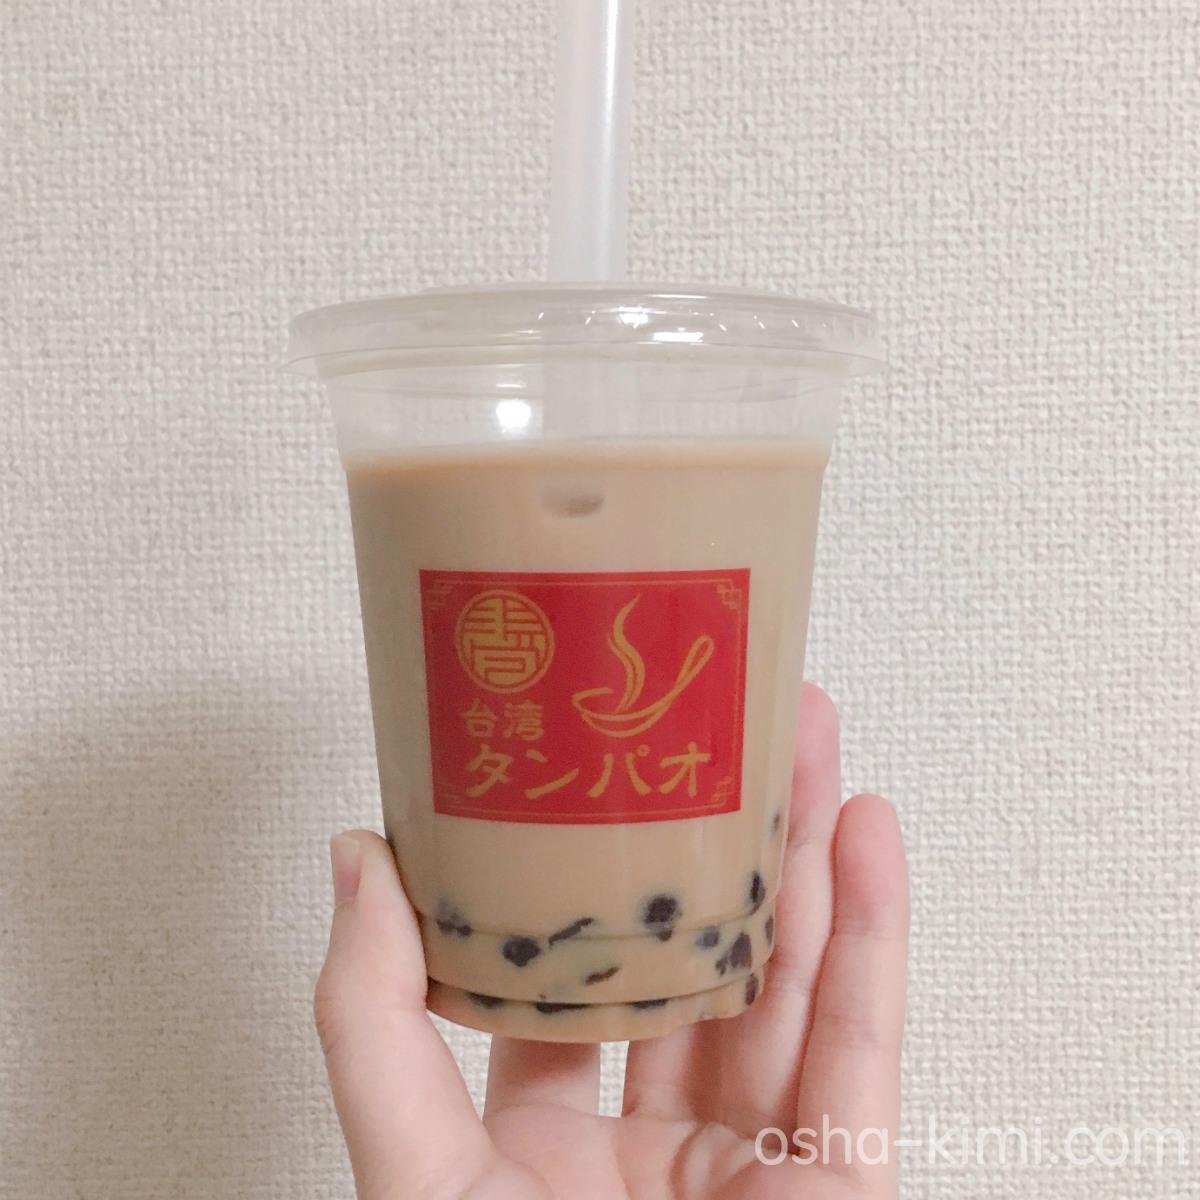 十条にある台湾タンパオのミルクティータピオカ380円